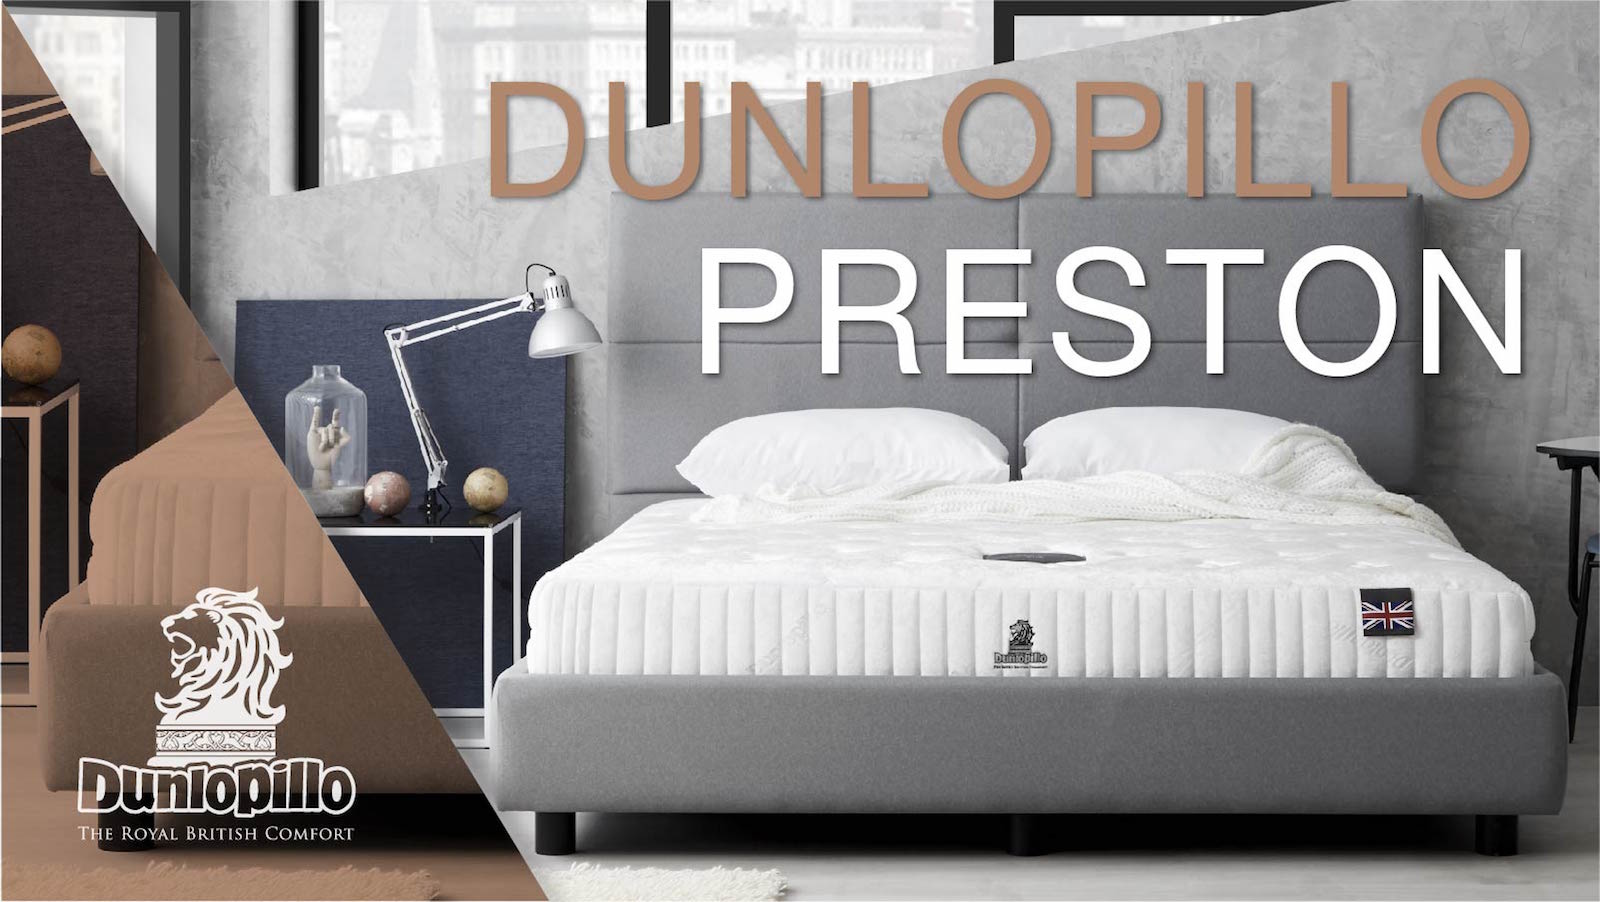 ที่นอน Dunlopillo รุ่น Preston